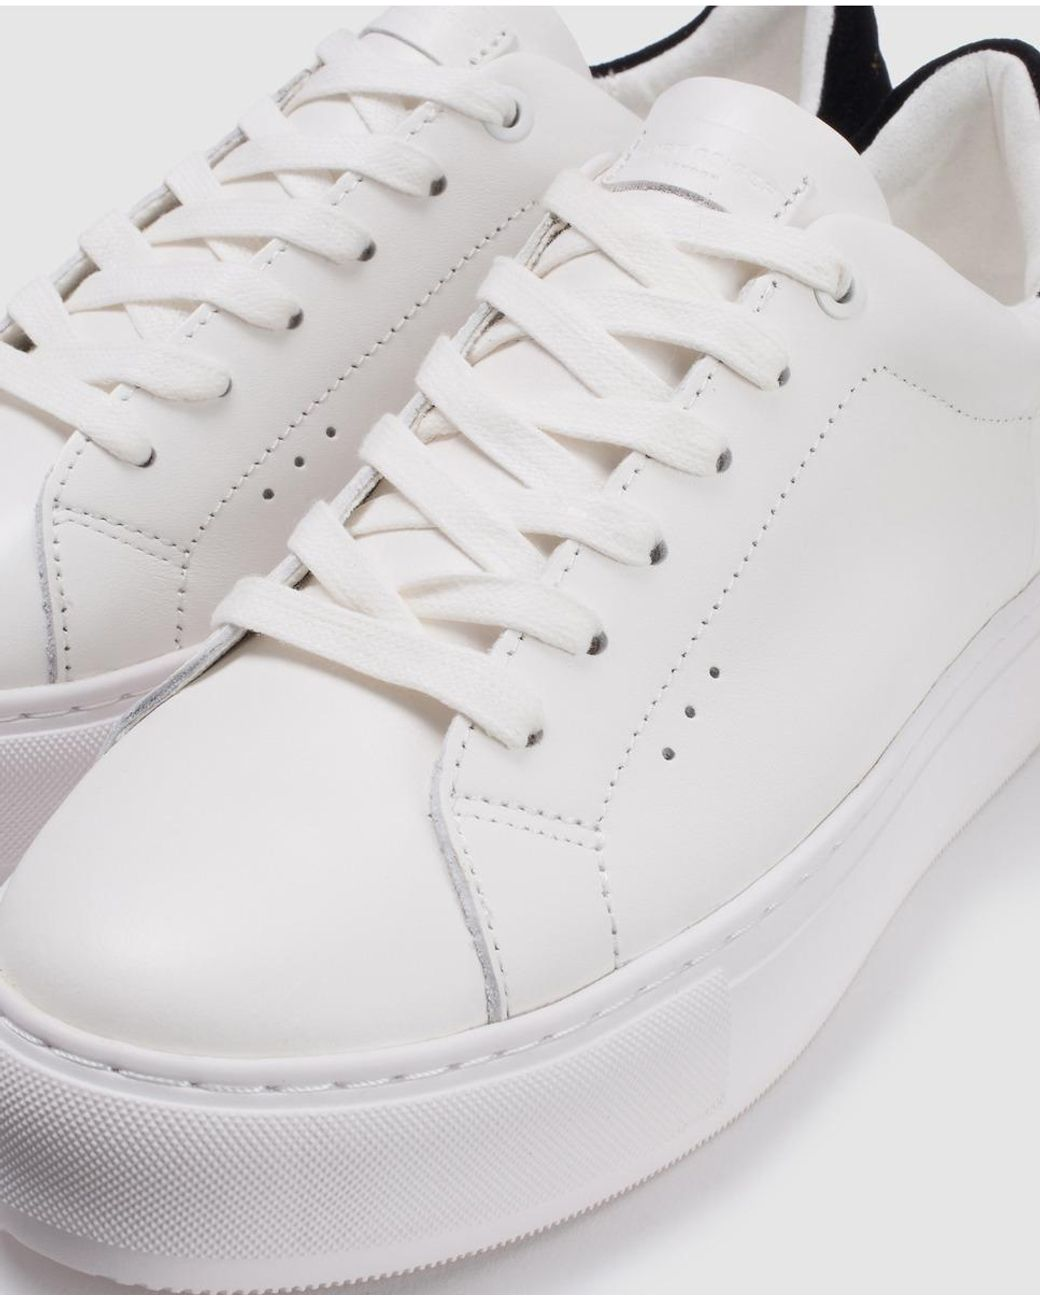 kurt geiger white platform trainers